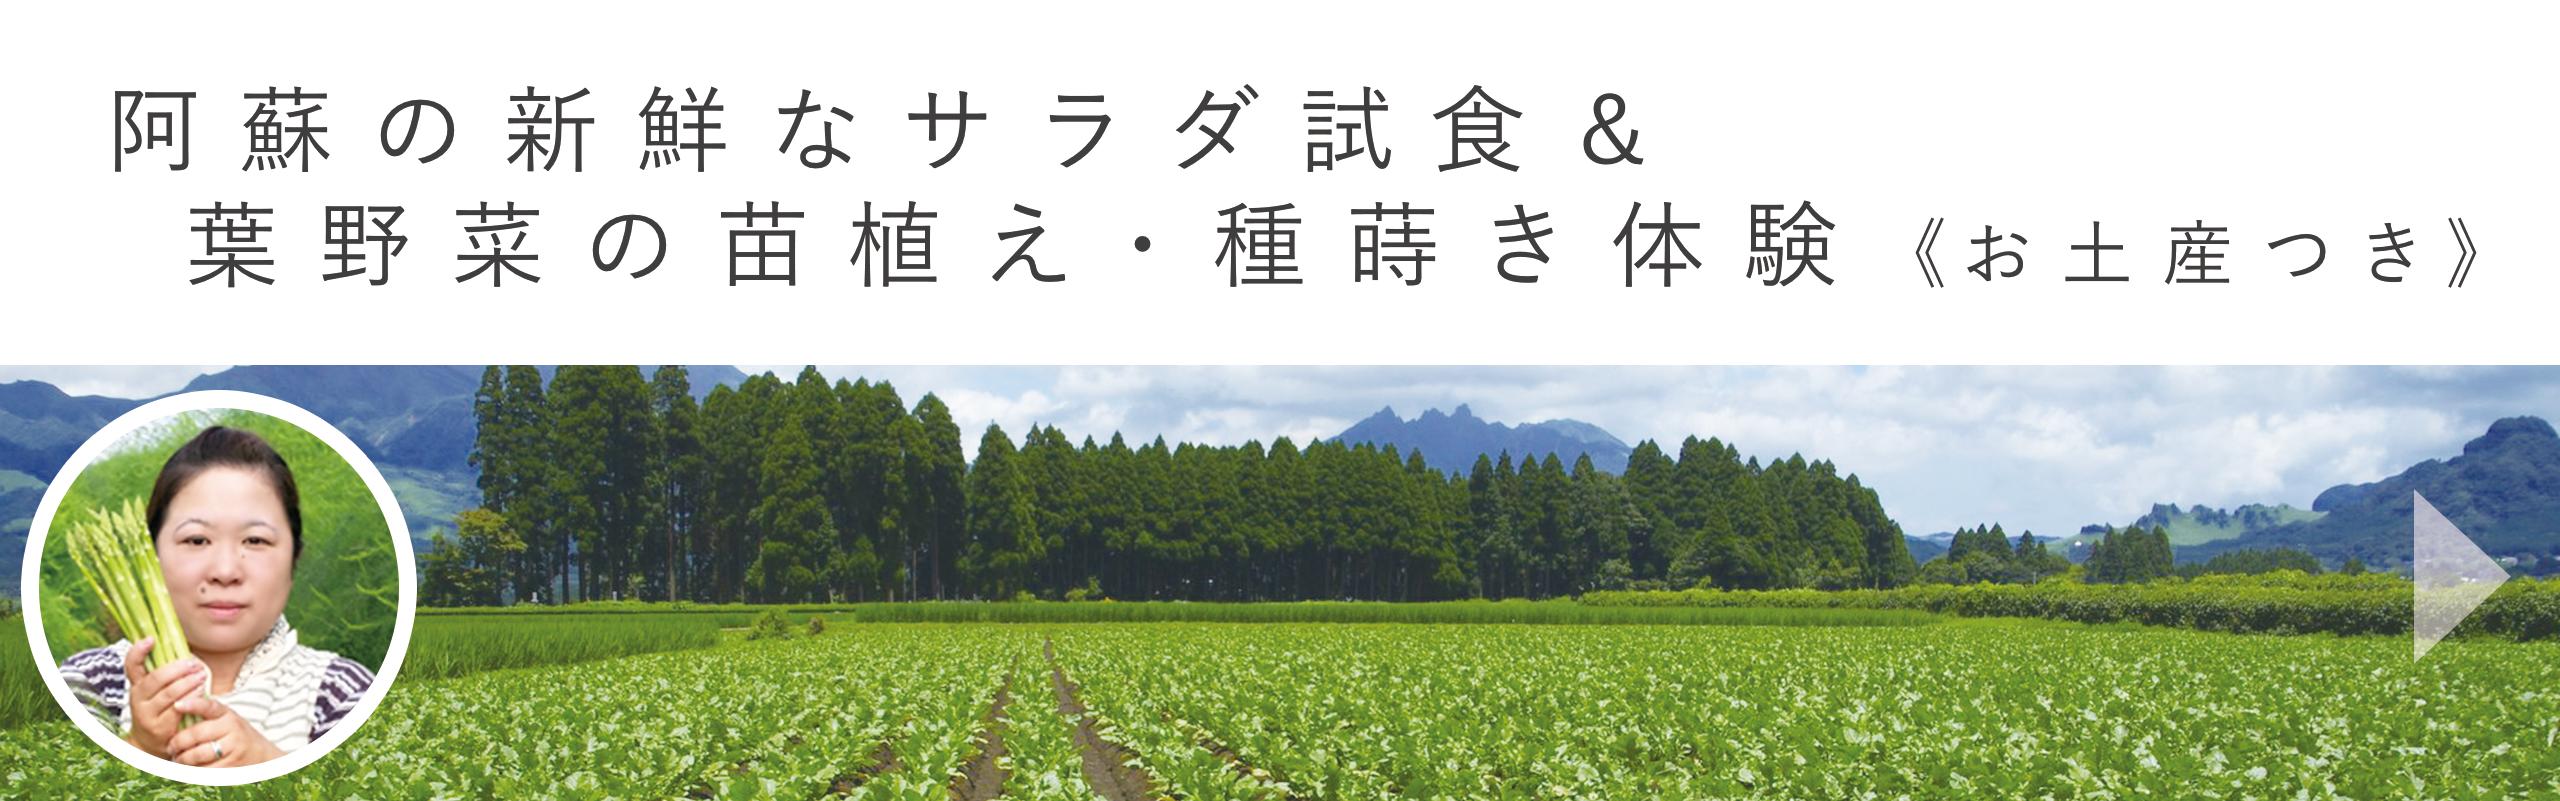 阿蘇の新鮮なサラダ試食と葉野菜の苗植え・種蒔き体験|aini